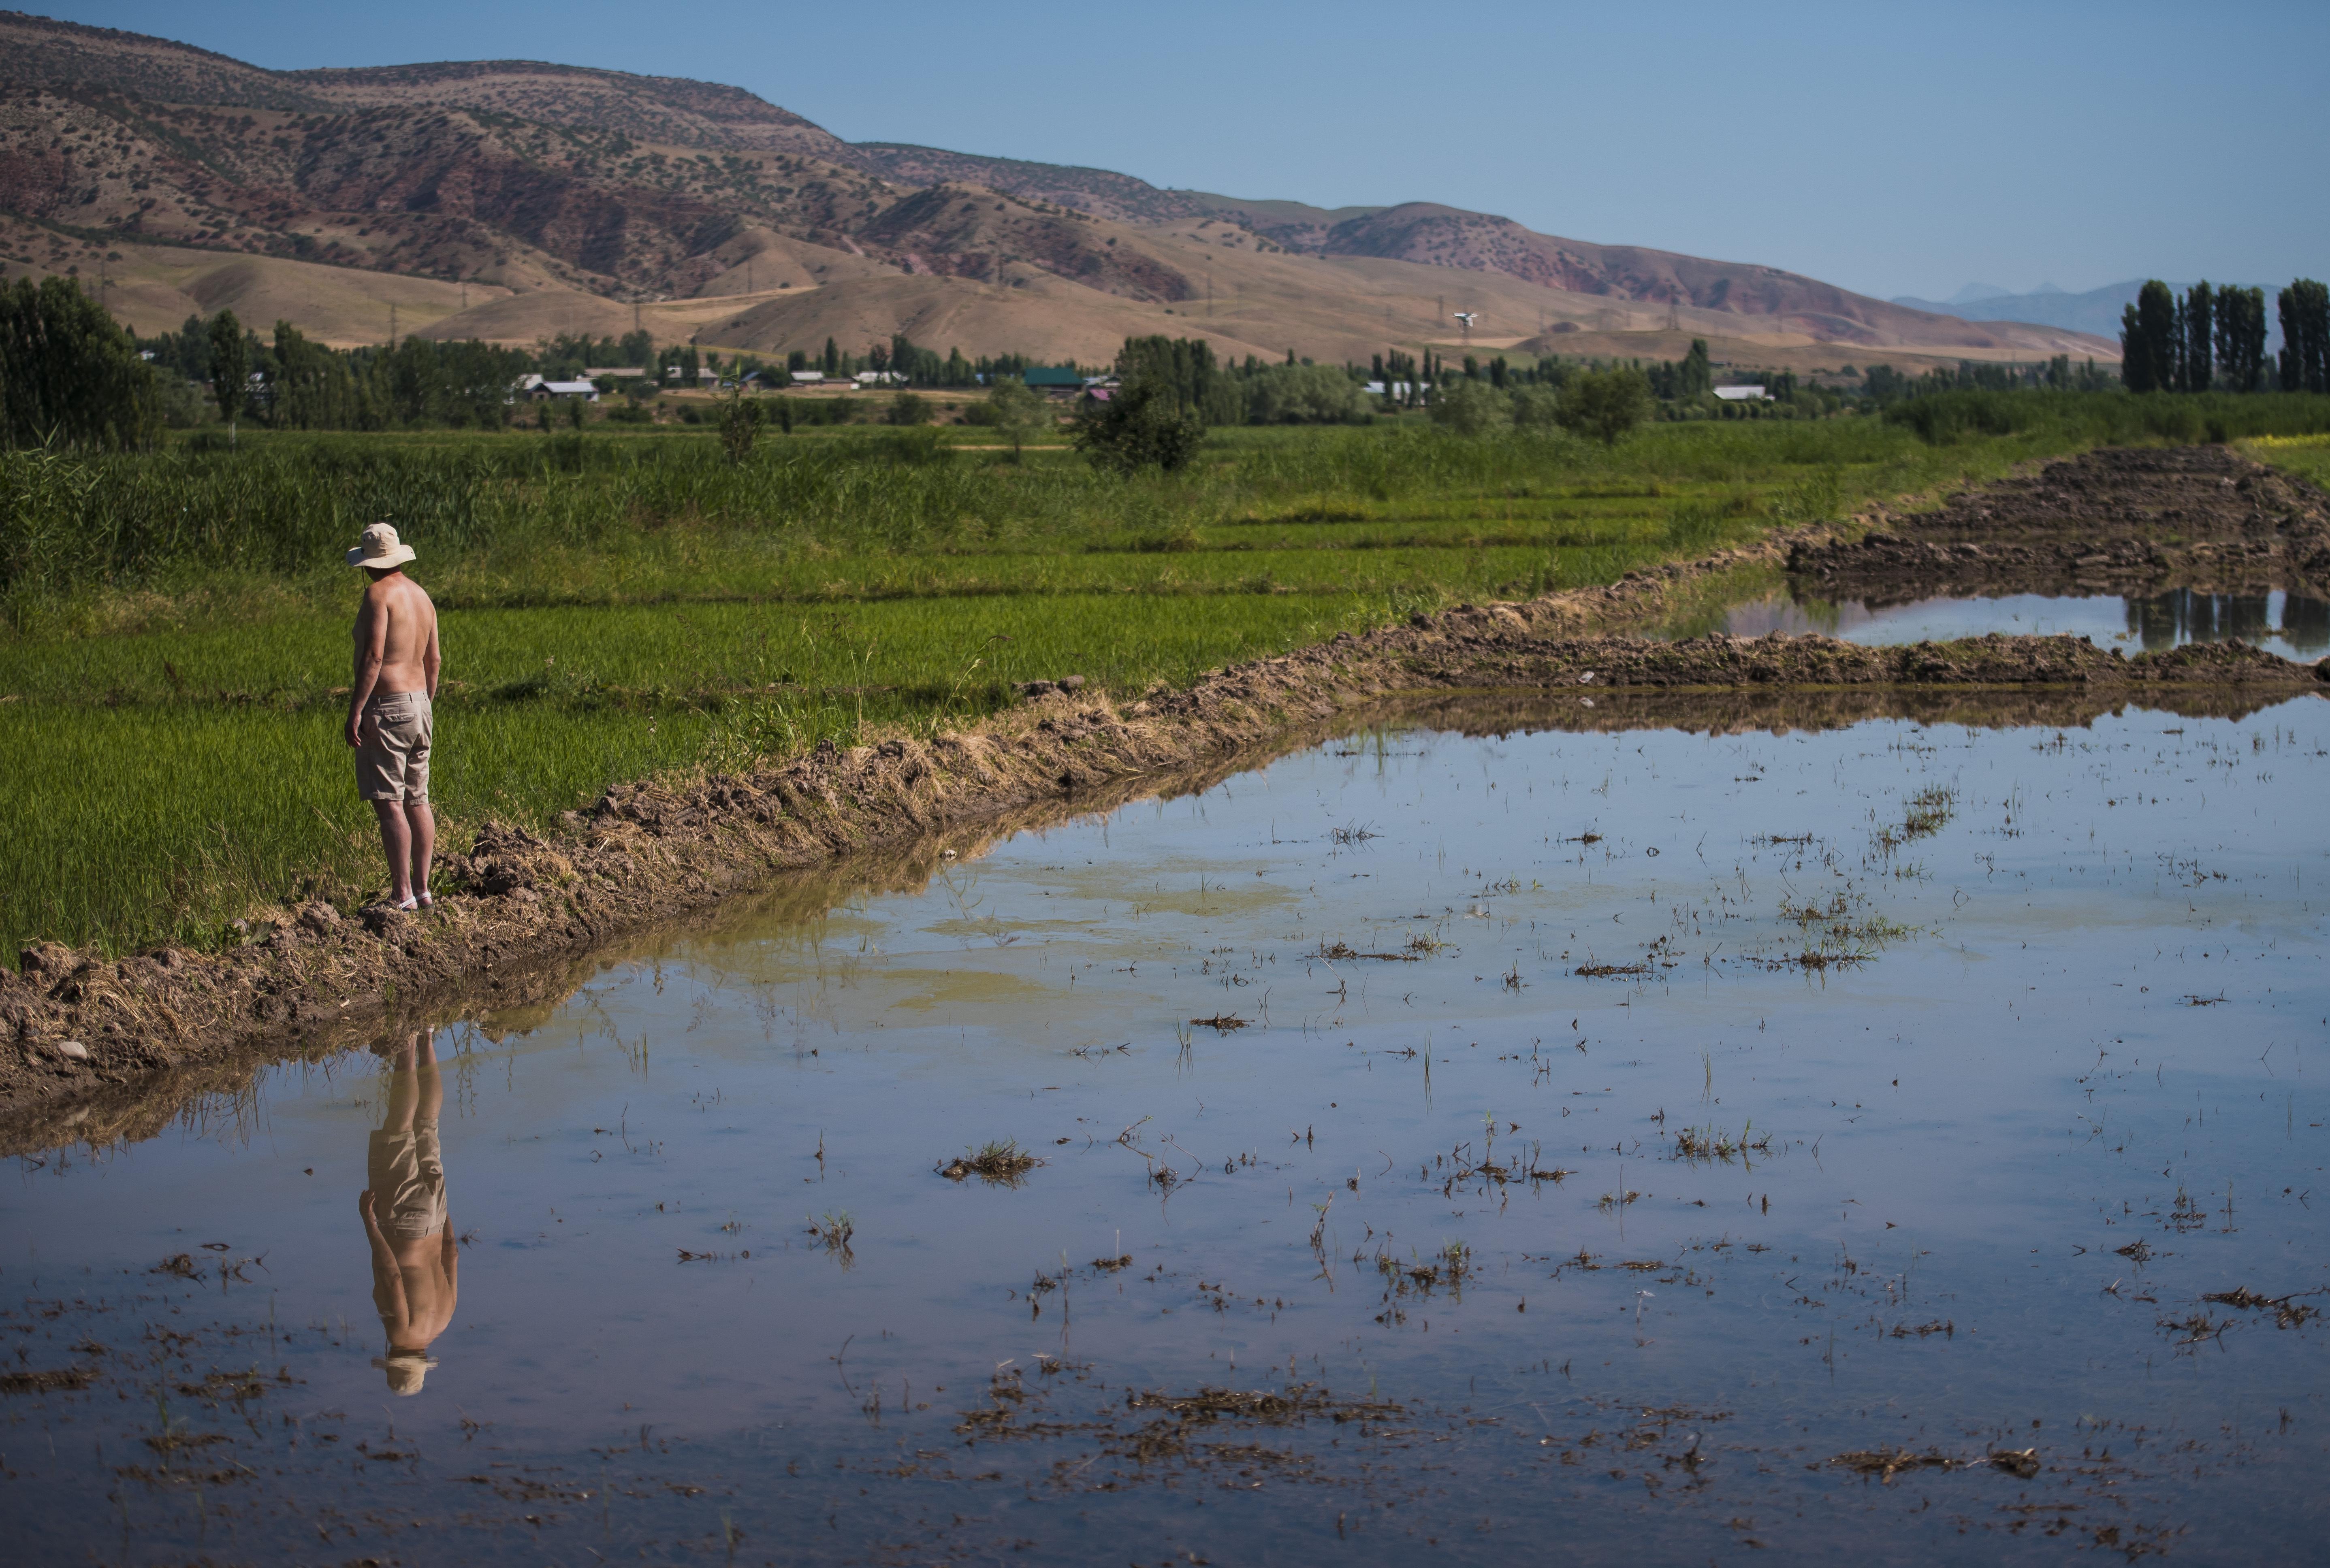 Összecsaptak a kirgiz és a tádzsik erők egy víztározó miatt